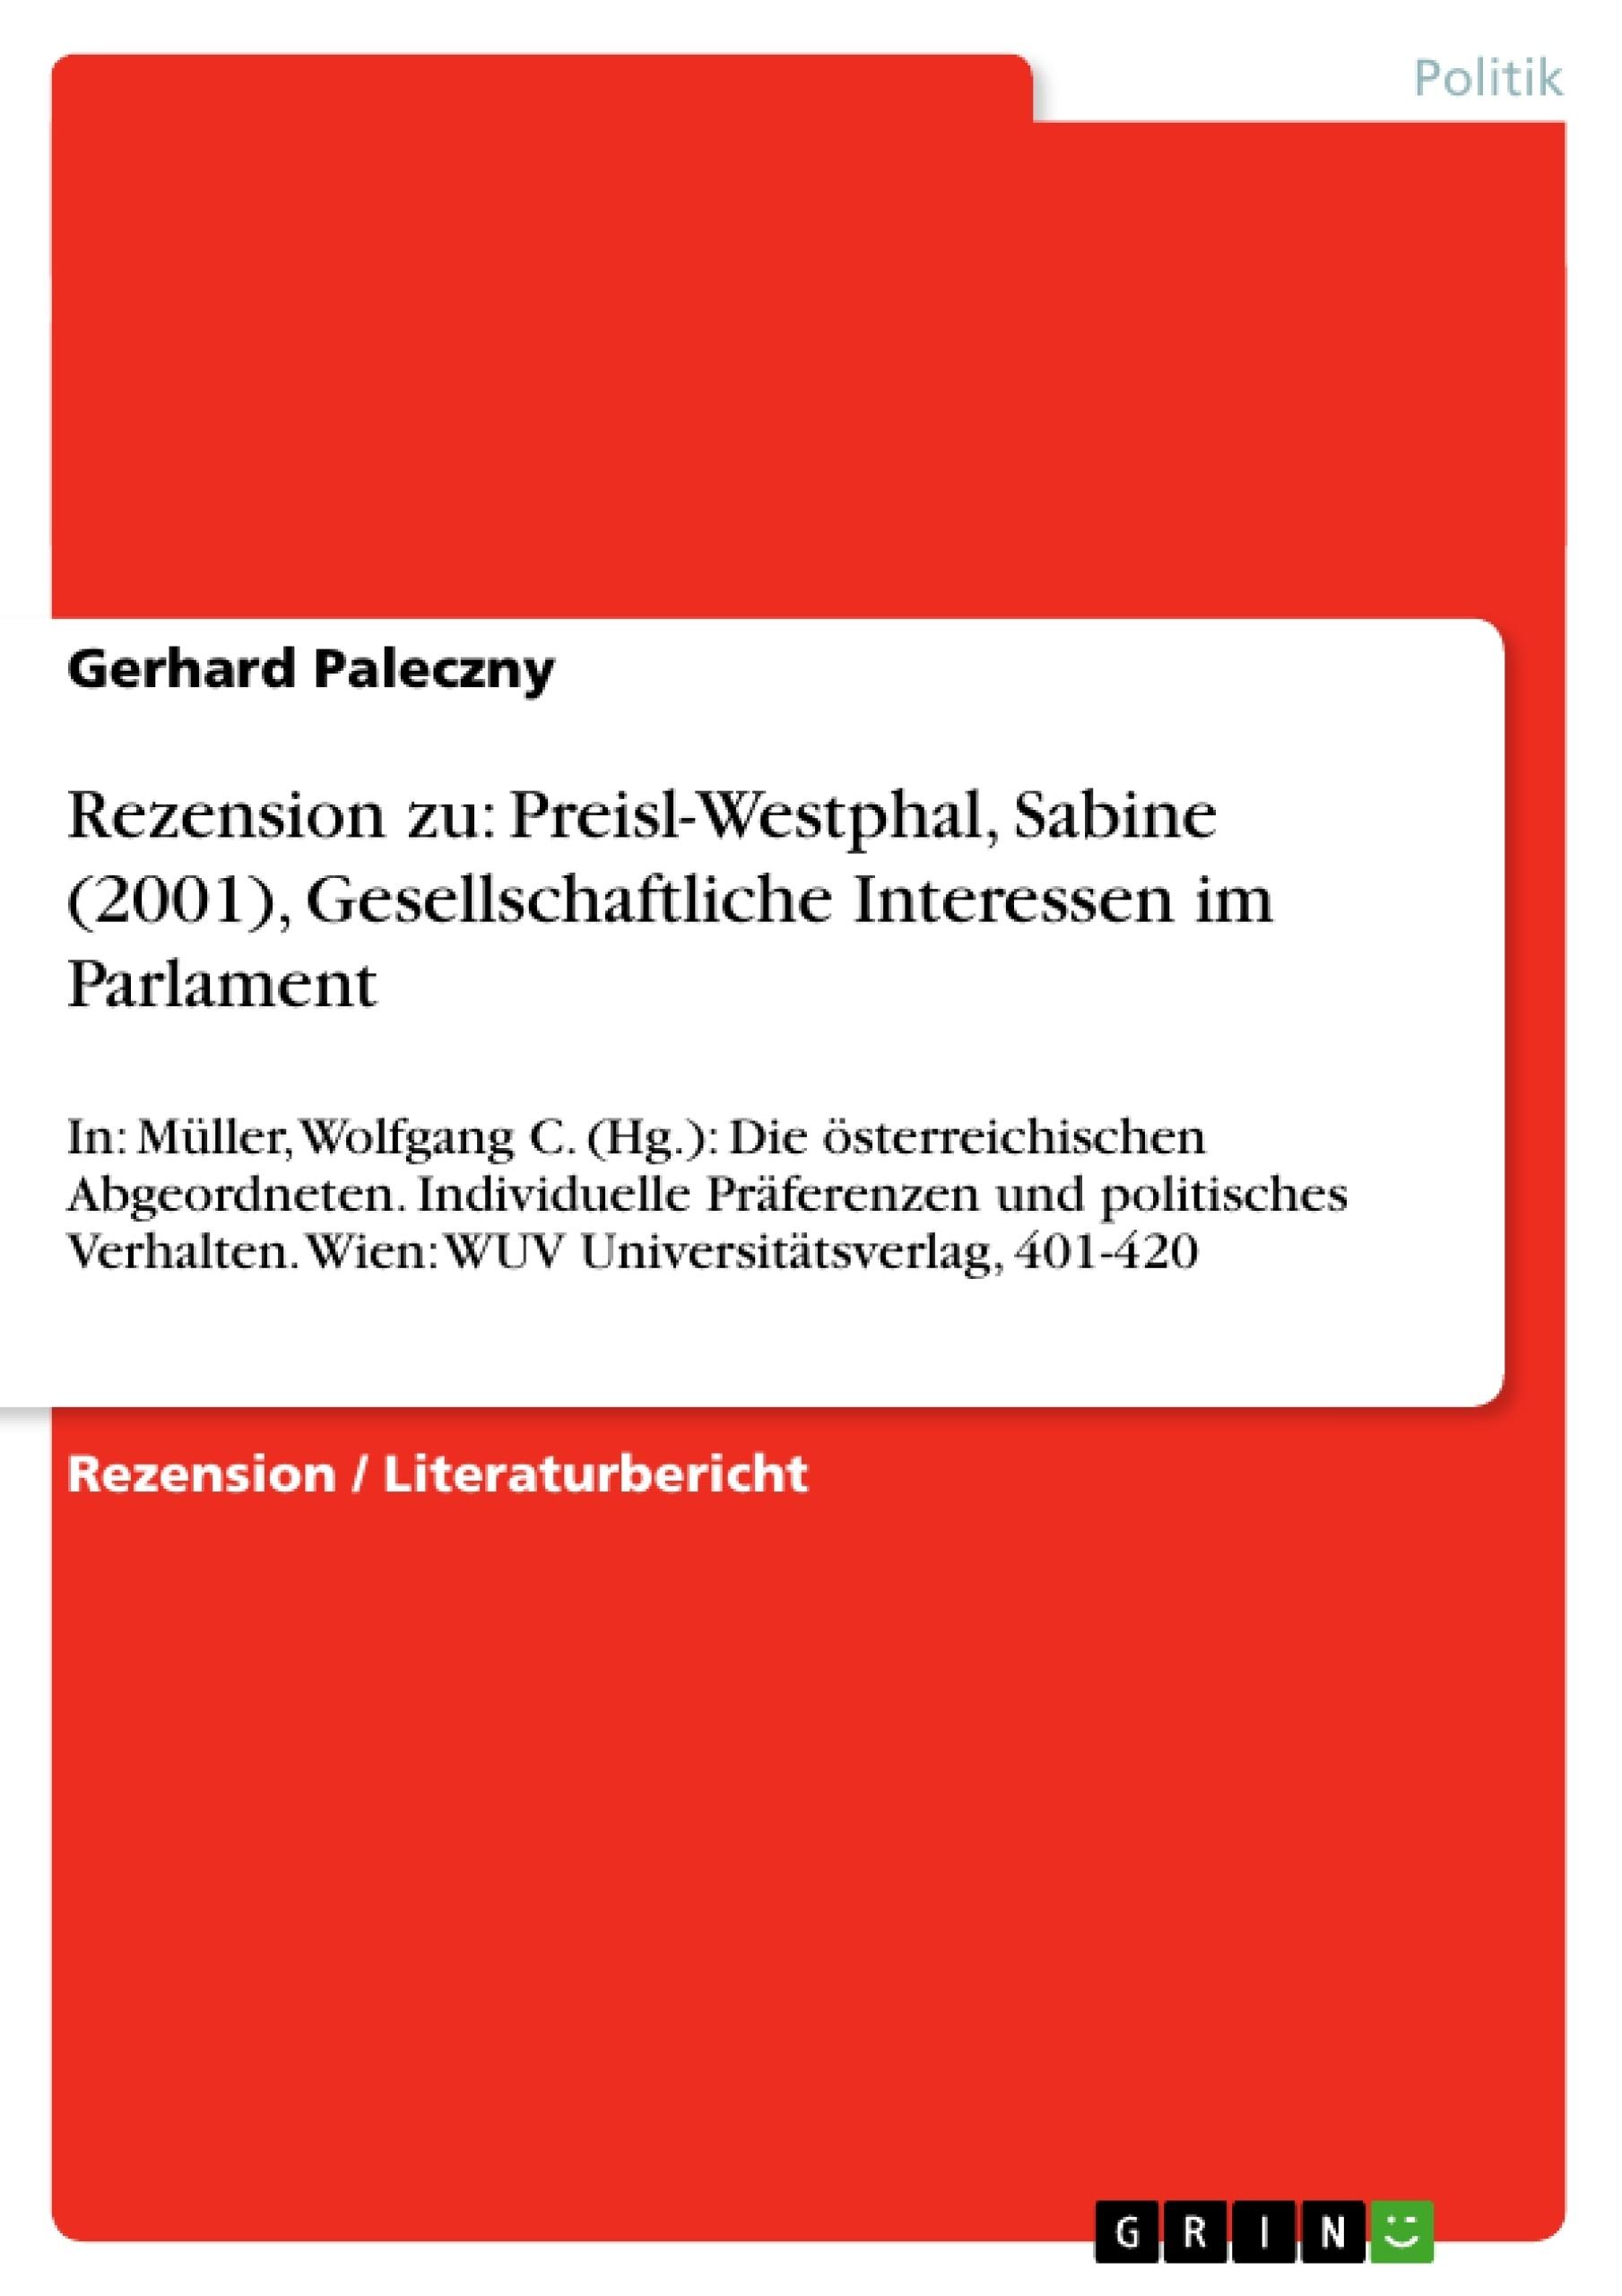 Titel: Rezension zu: Preisl-Westphal, Sabine (2001), Gesellschaftliche Interessen im Parlament